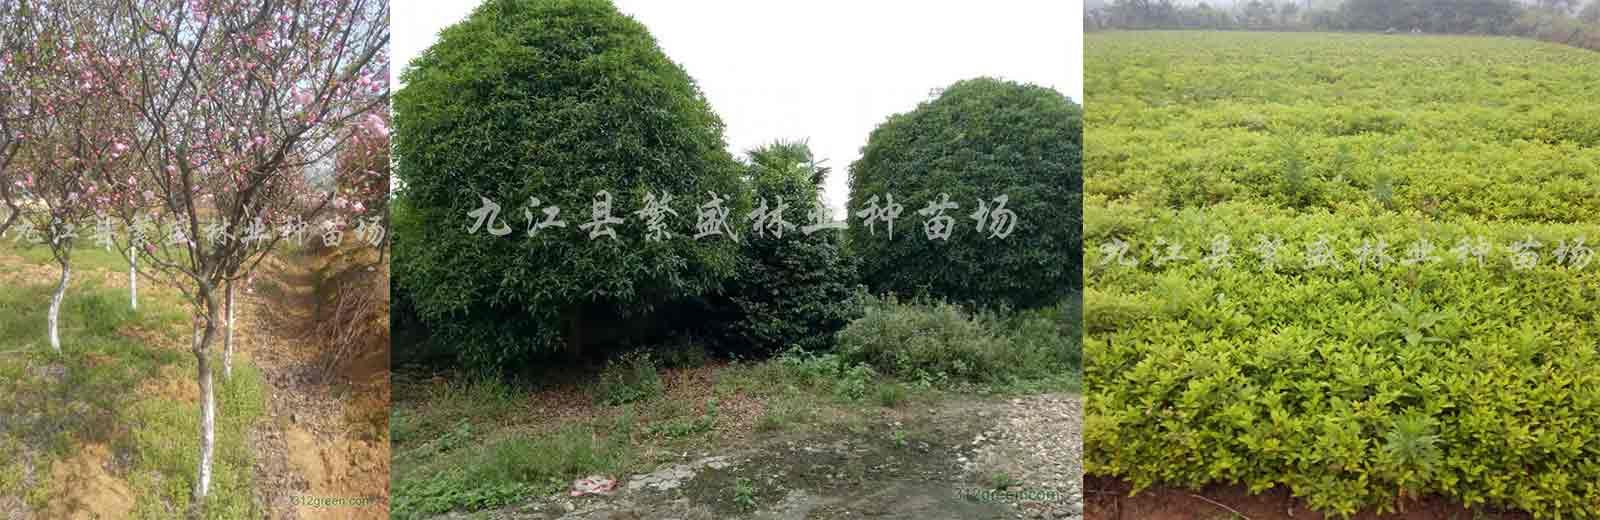 九江木荷,九江桂花,九江杜英